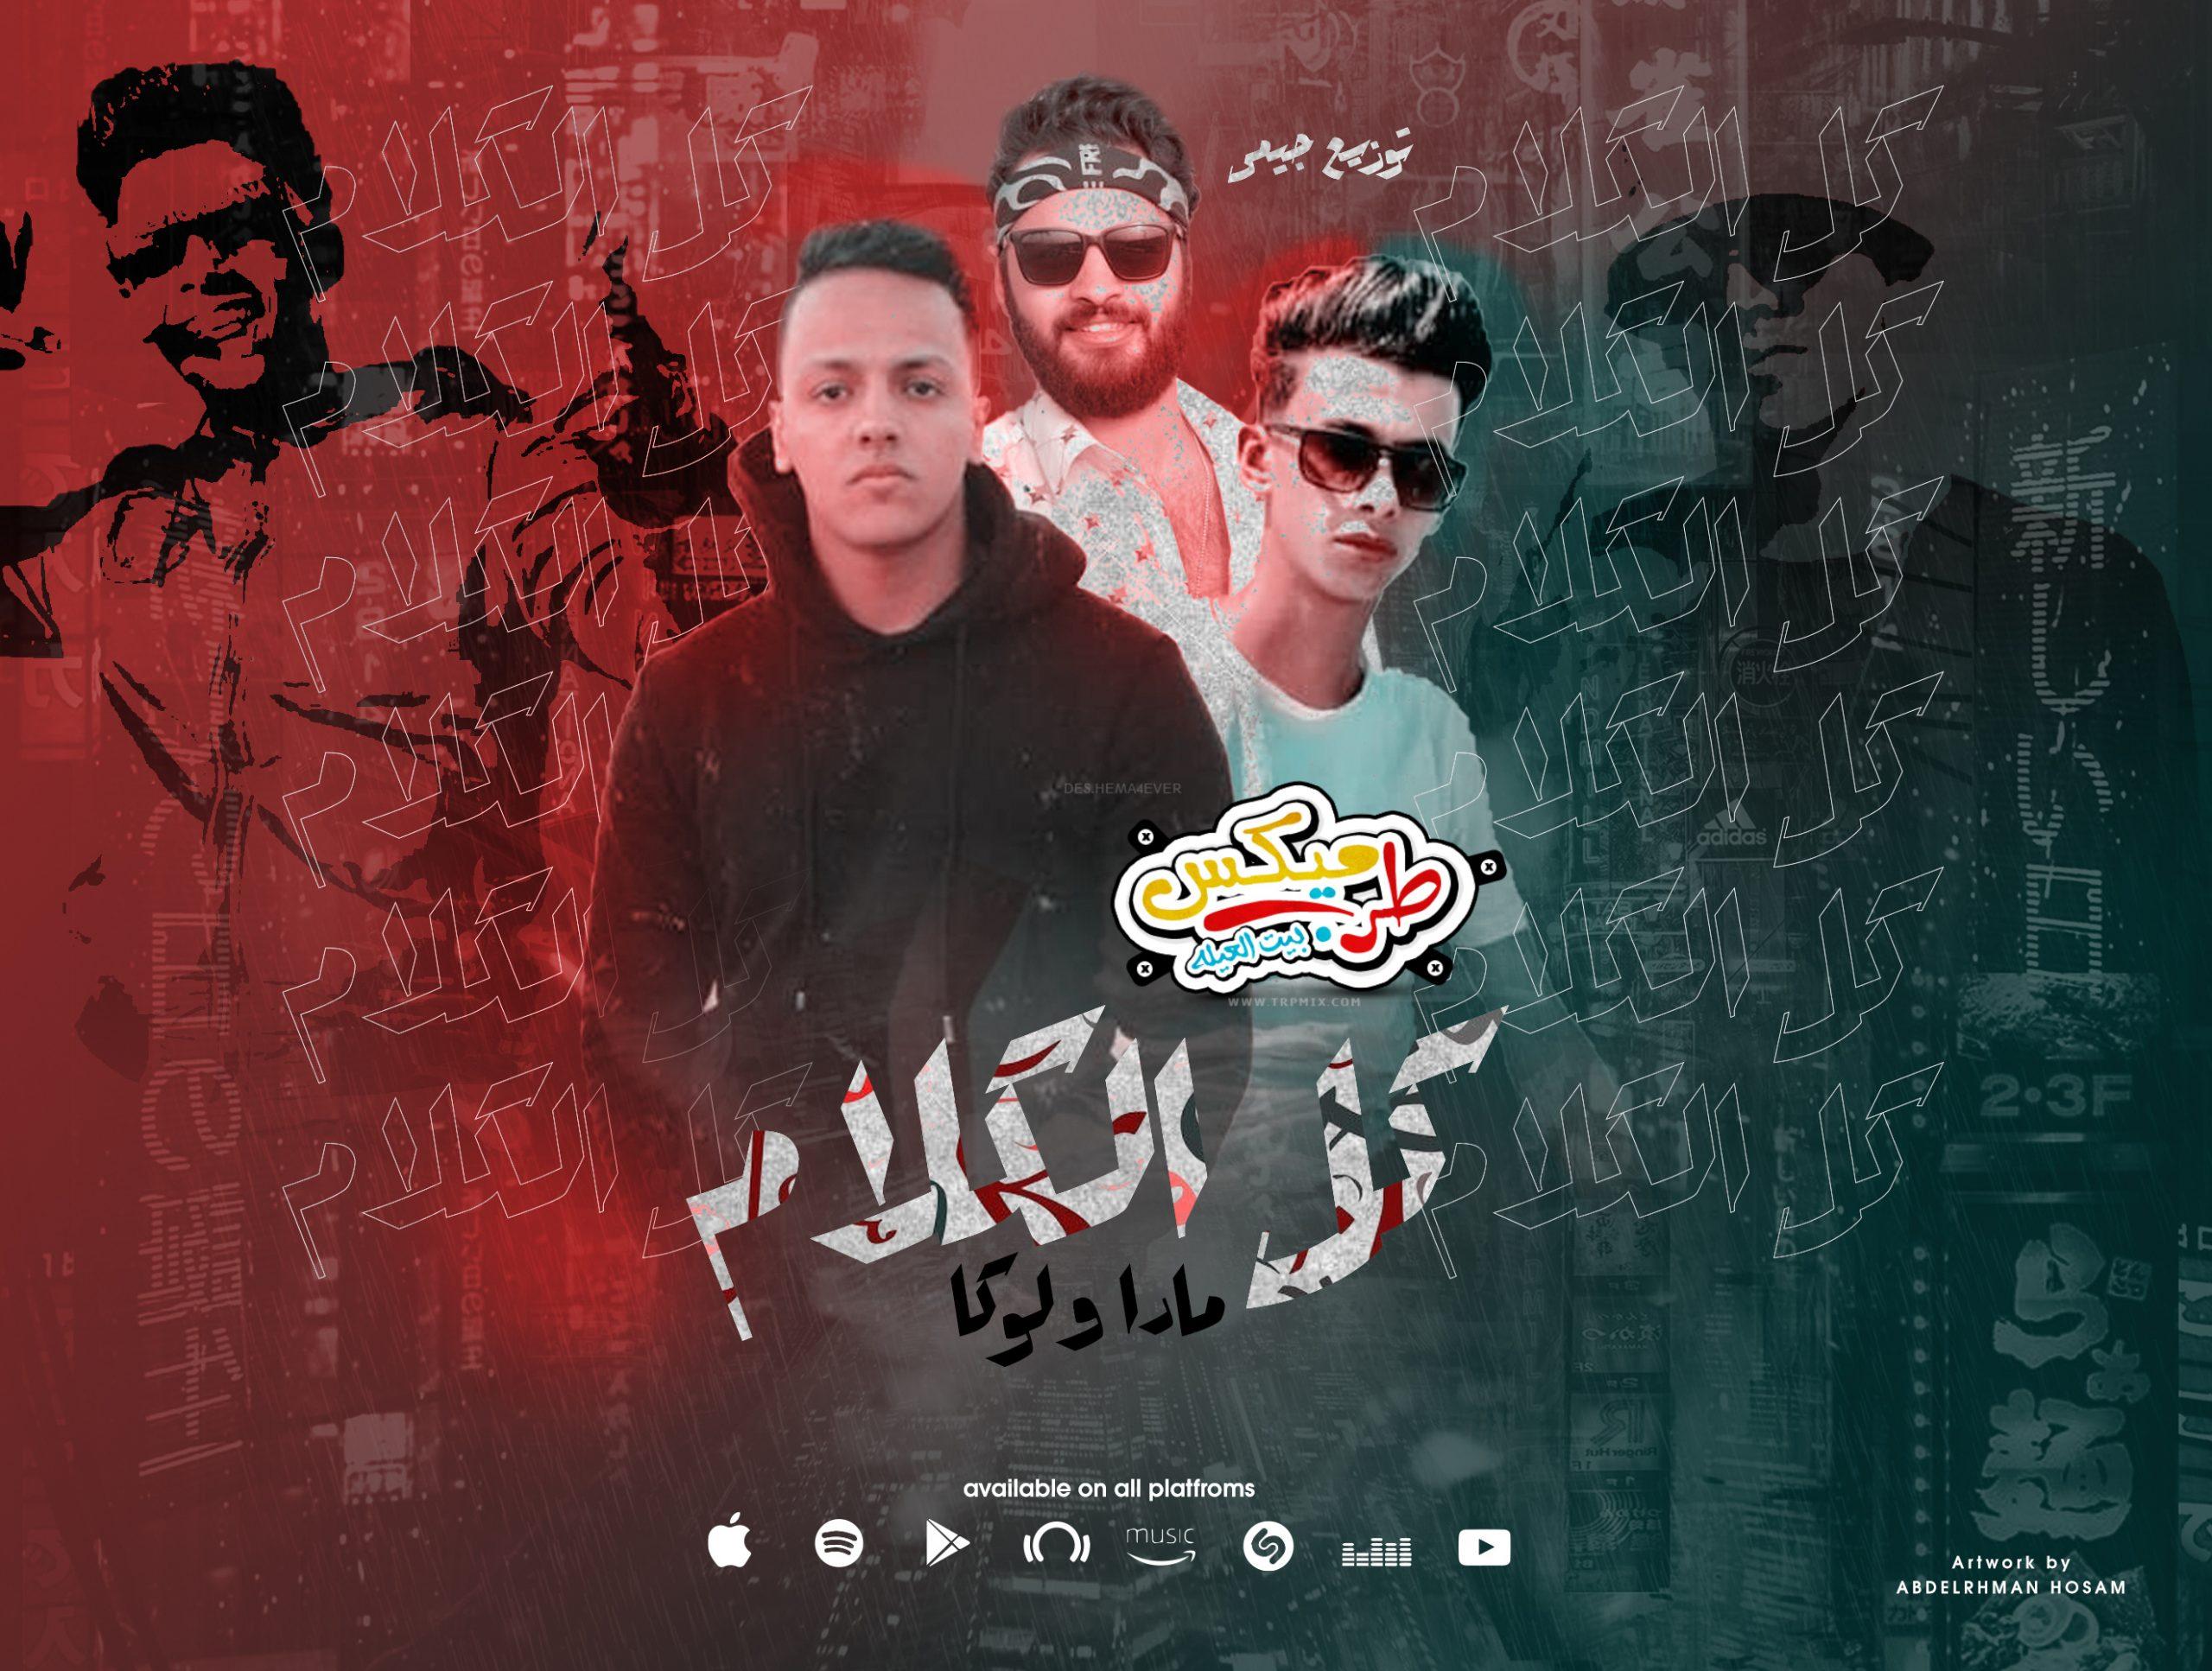 مهرجان كل الكلام غناء مادا علاء - لوكا - توزيع جيمي | مهرجانات 2021